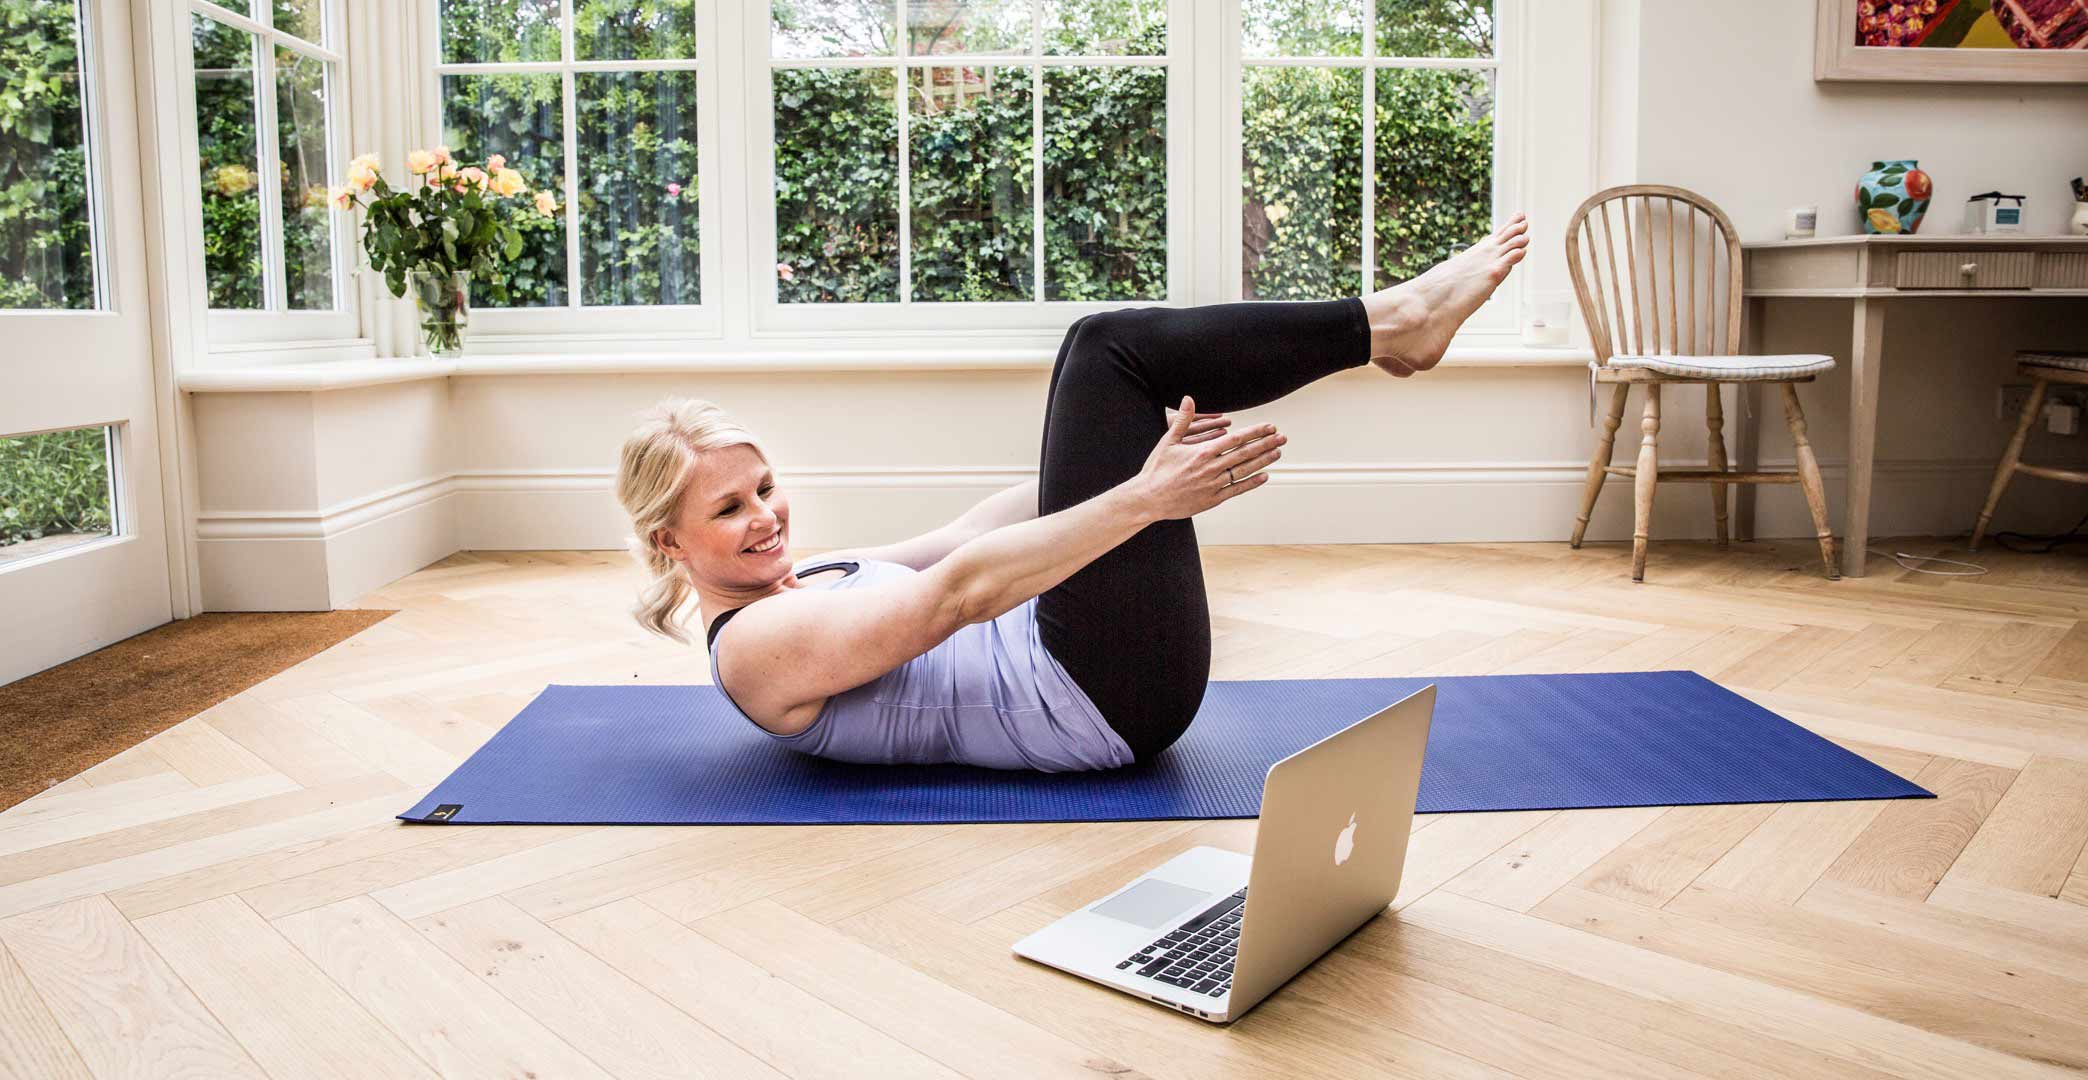 tập yoga tại nhà cần lưu ý những gì